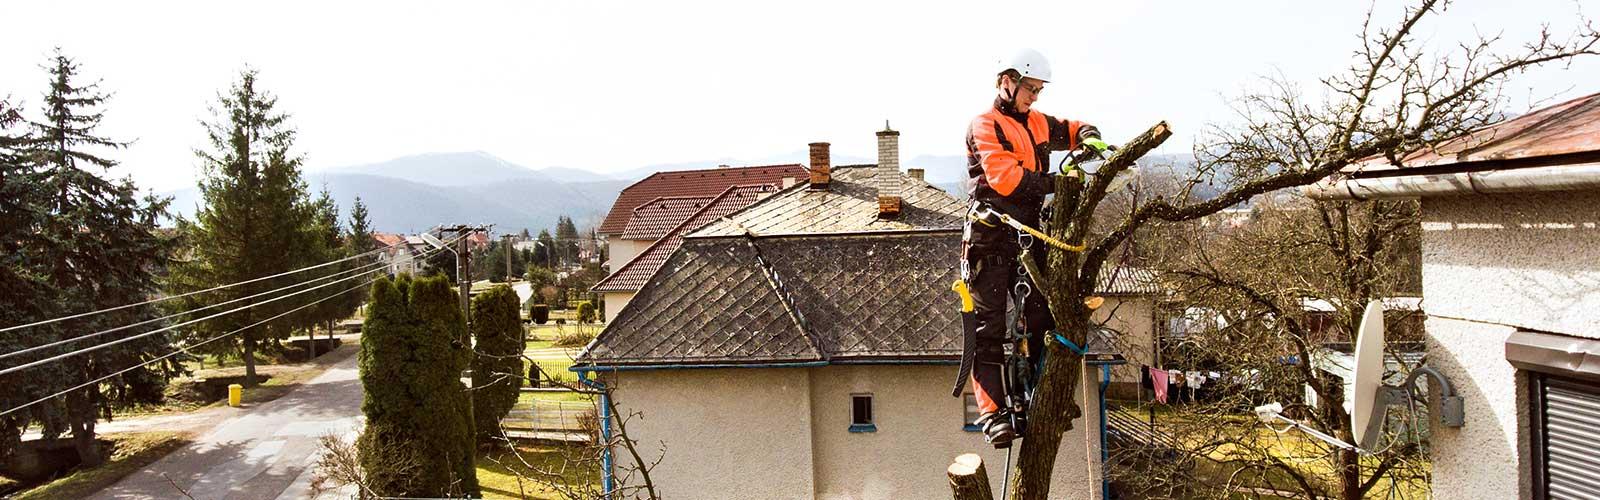 Baumpflege Rohrbeck - Baumfällen und pflegen mit Klettertechnik